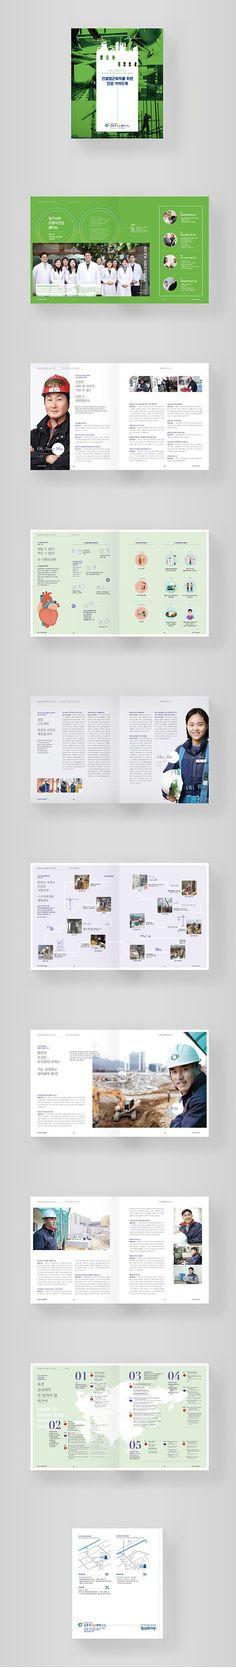 [브로슈어 디자인] 경기서부 근로자건강센터 건강가이드북 제작 : 네이버 블로그 Yearbook Pages, Yearbook Covers, Yearbook Layouts, Yearbook Design, Yearbook Spreads, Yearbook Theme, Magazine Layout Design, Book Design Layout, Print Layout